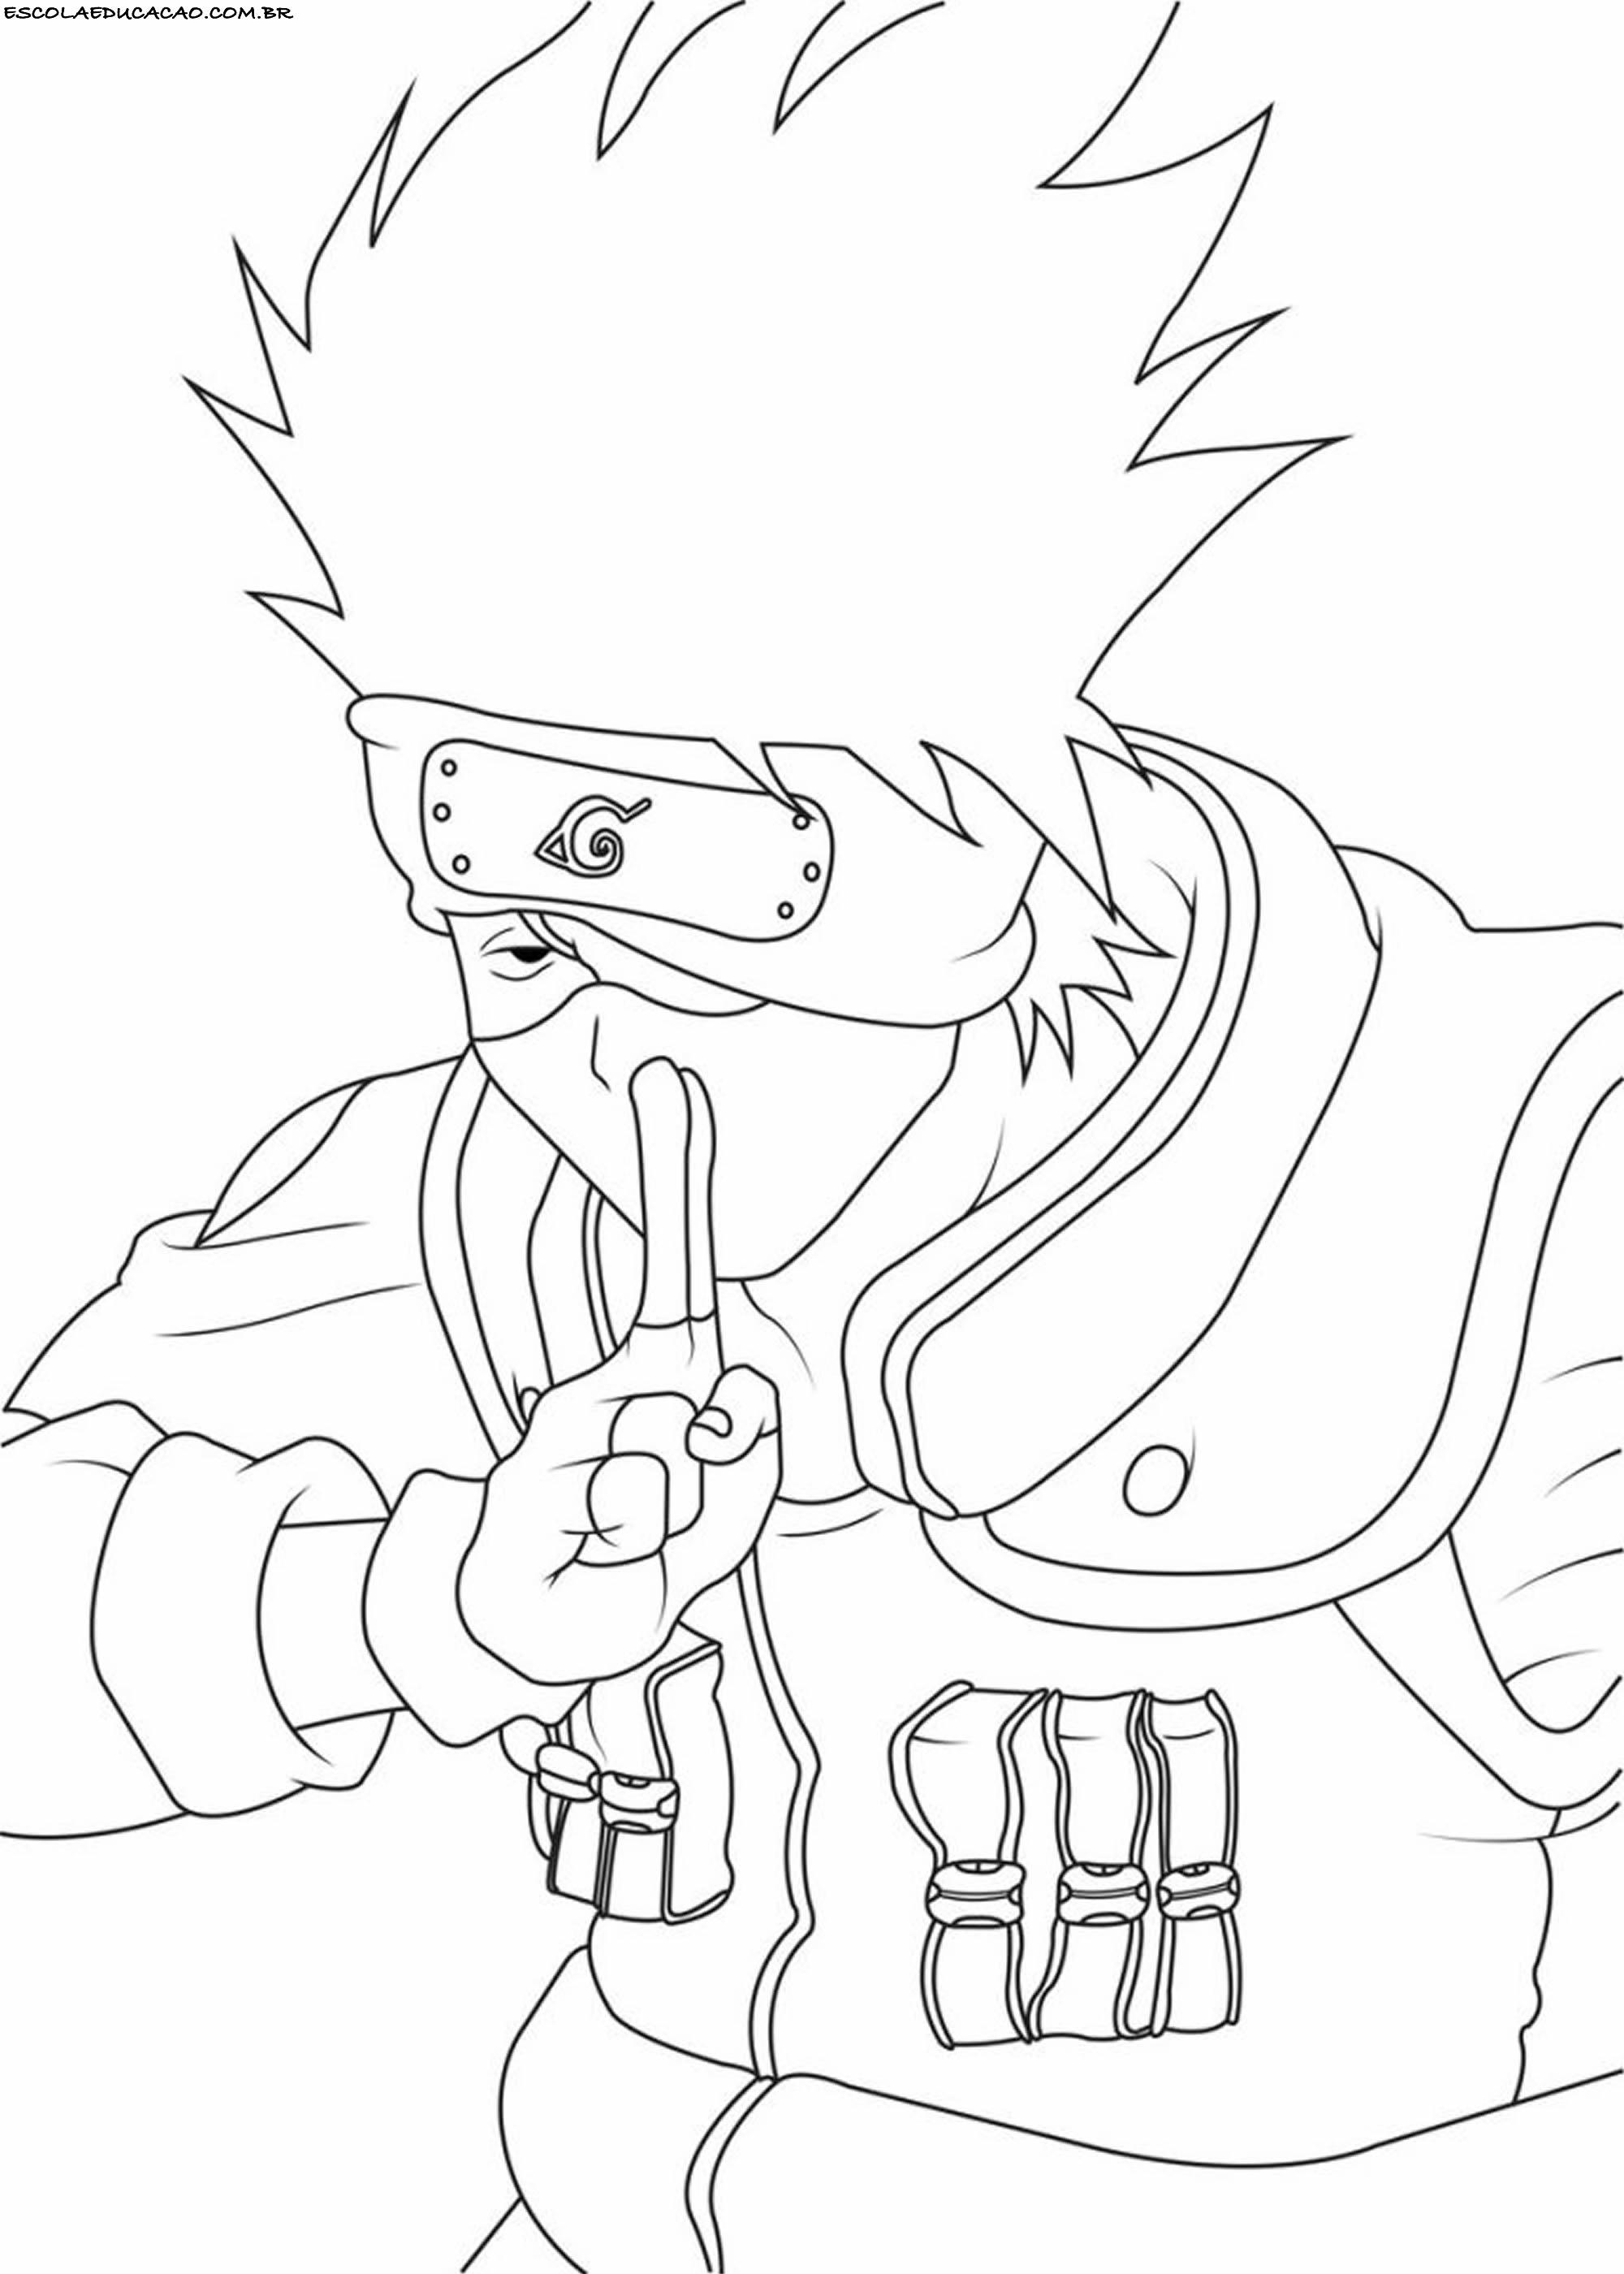 Desenhos Para Colorir Do Naruto Sasuke E Sakura Lifeanimes Com